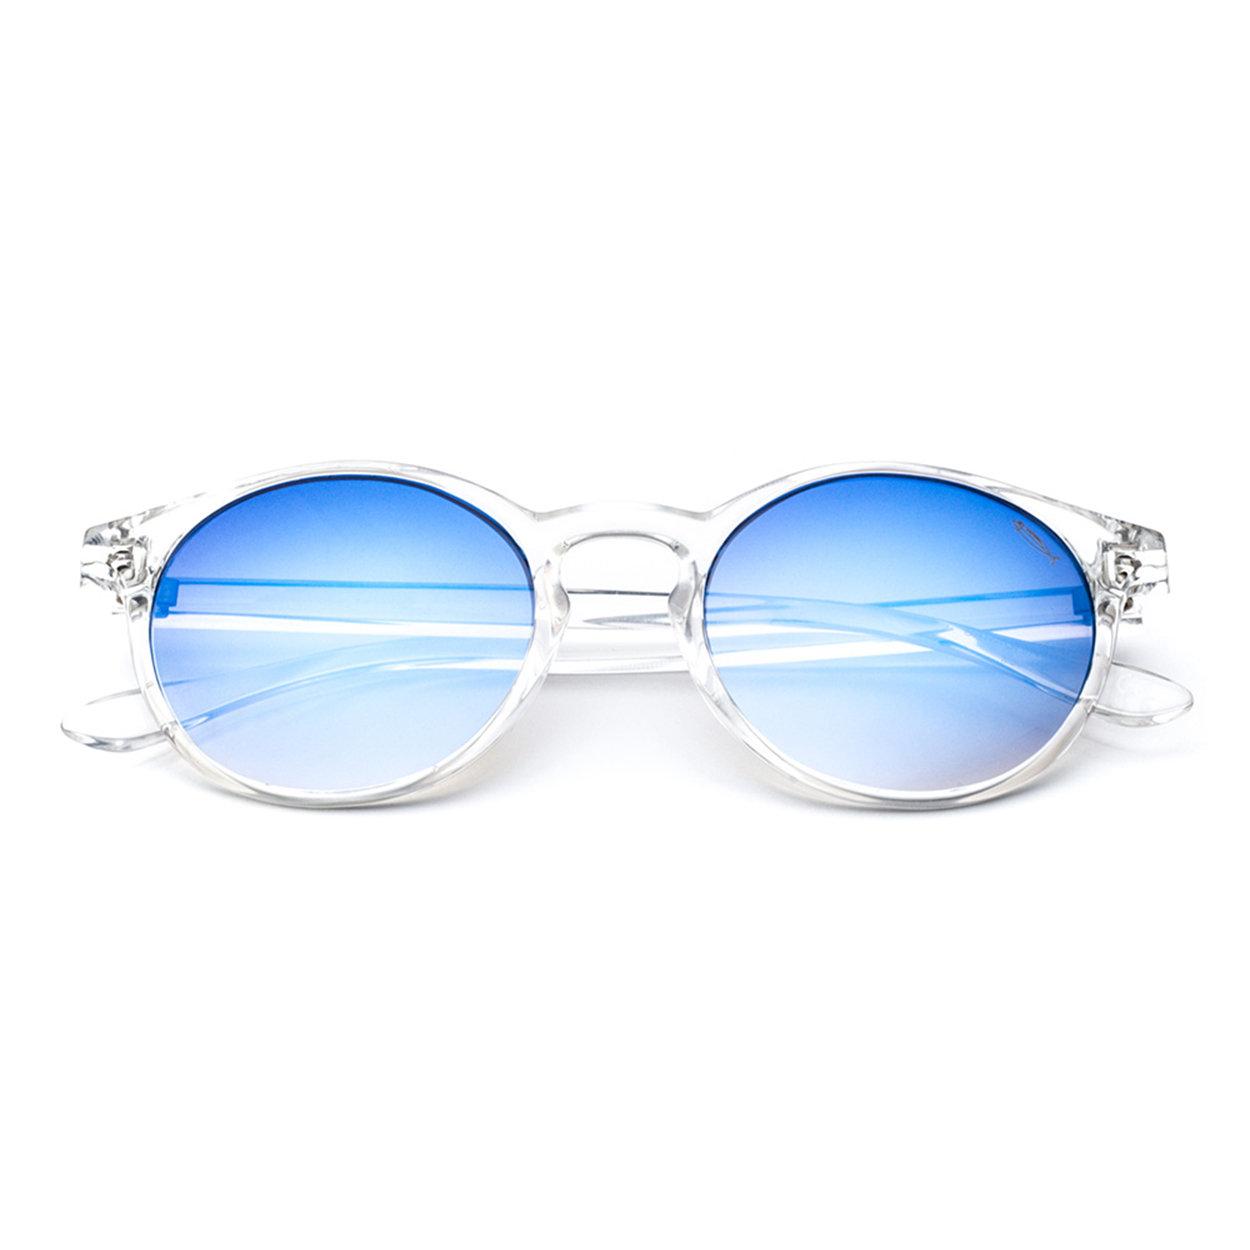 Image of Occhiali da sole Gilda sole cristallo lucido lente flash blu